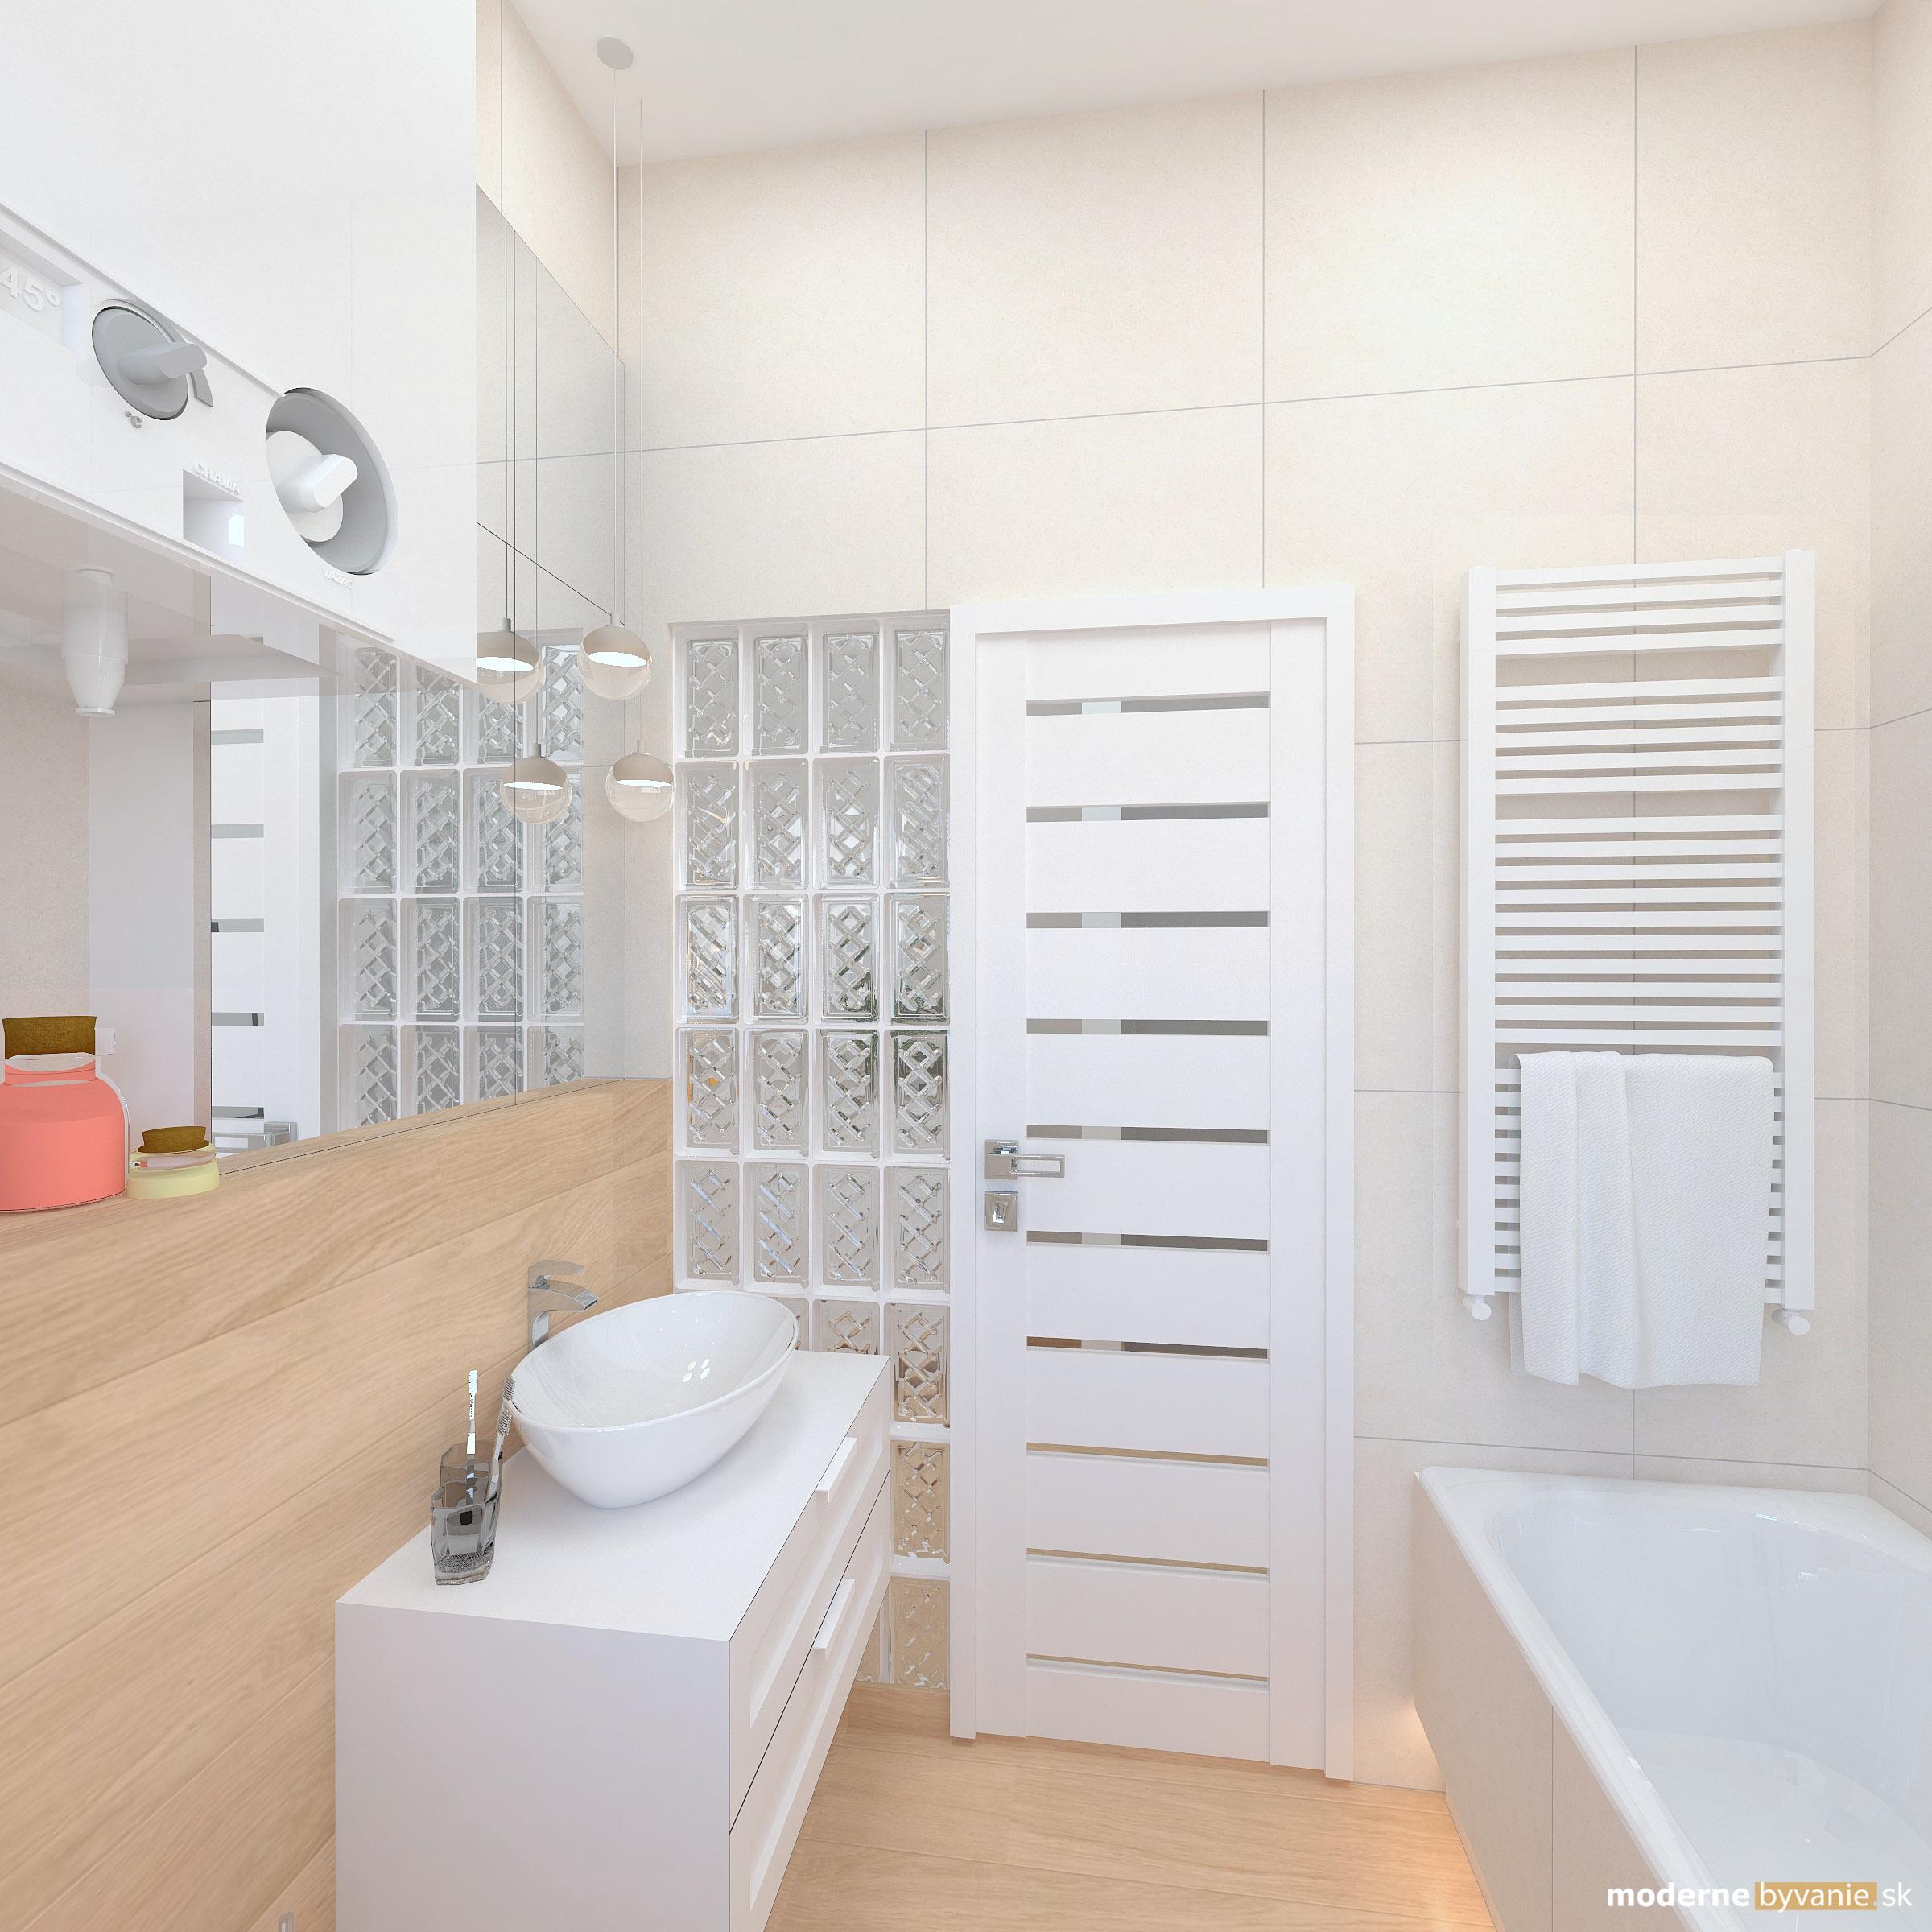 Návrh interiéru - Kúpelňa - Bytový dizajn malého bytu s veľkou izbou